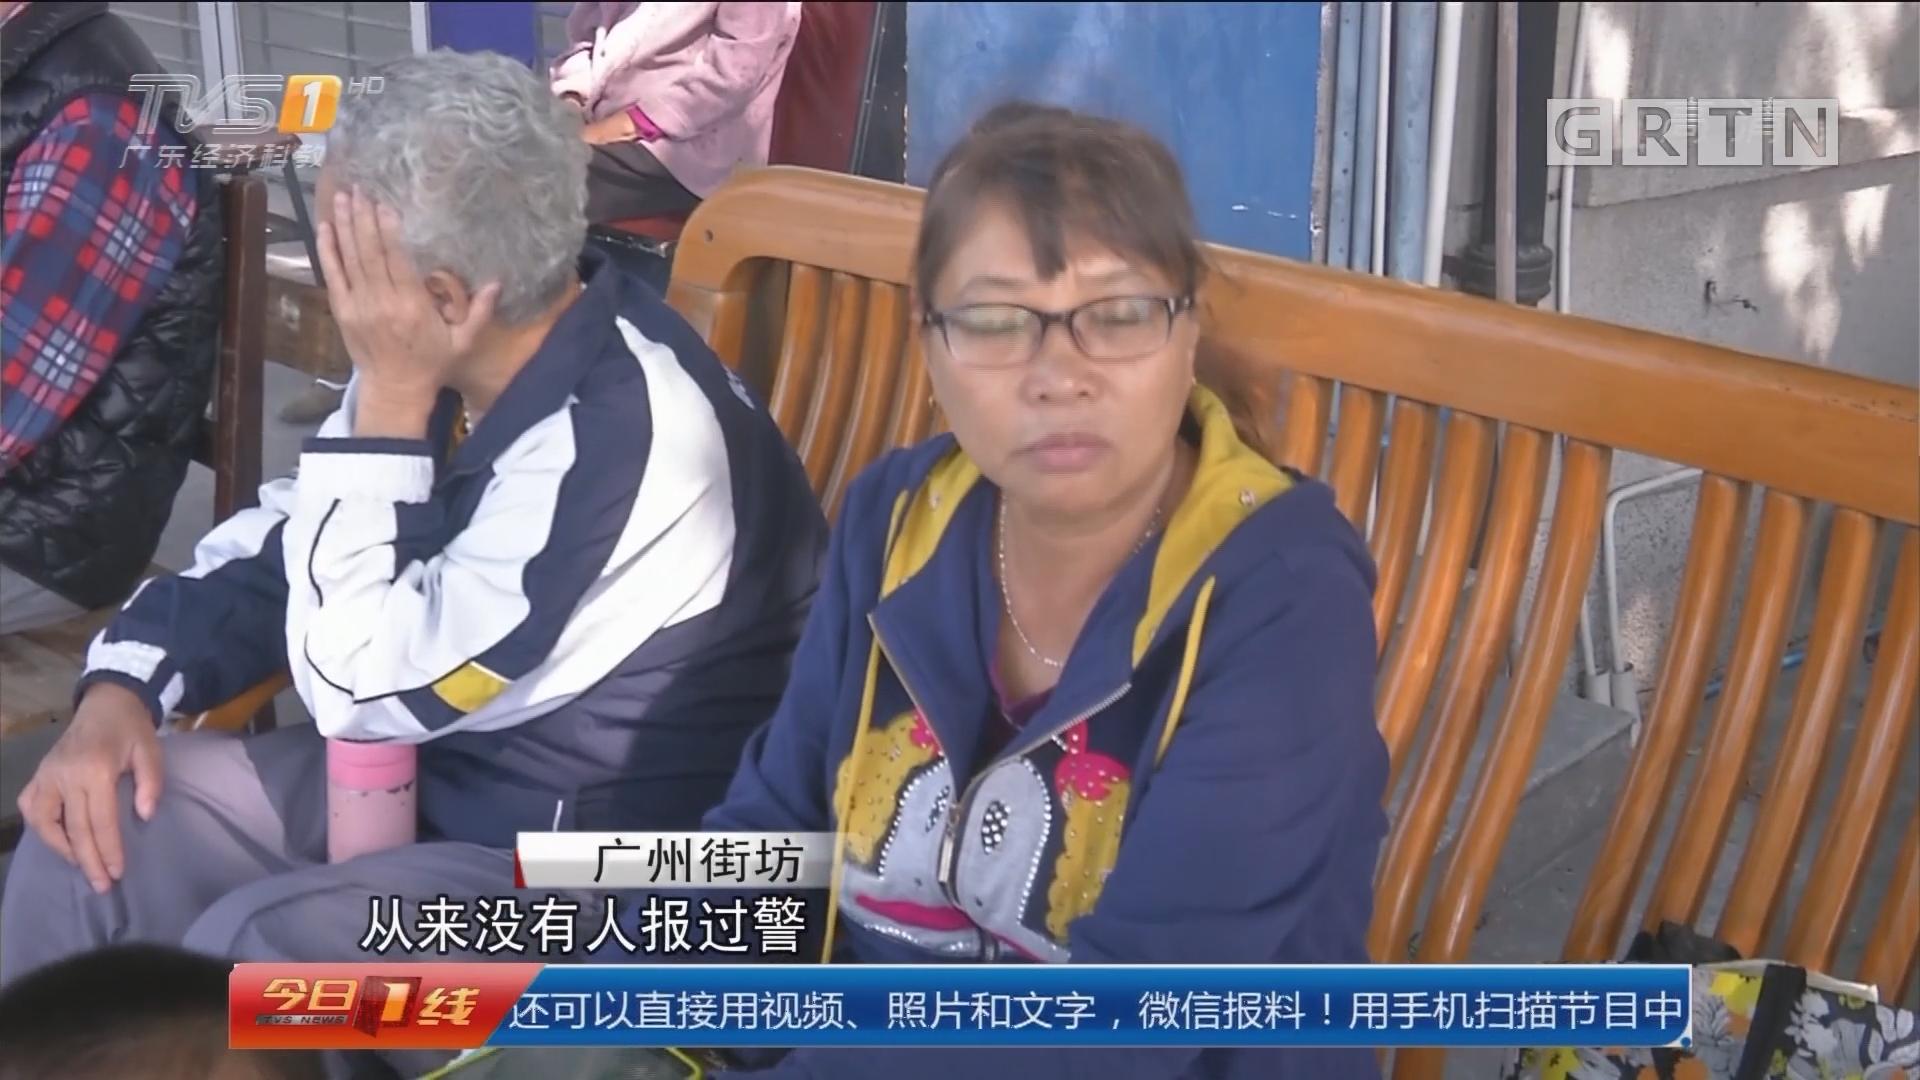 广州如意坊码头:放生蛇群惊扰四邻 警方到场制止